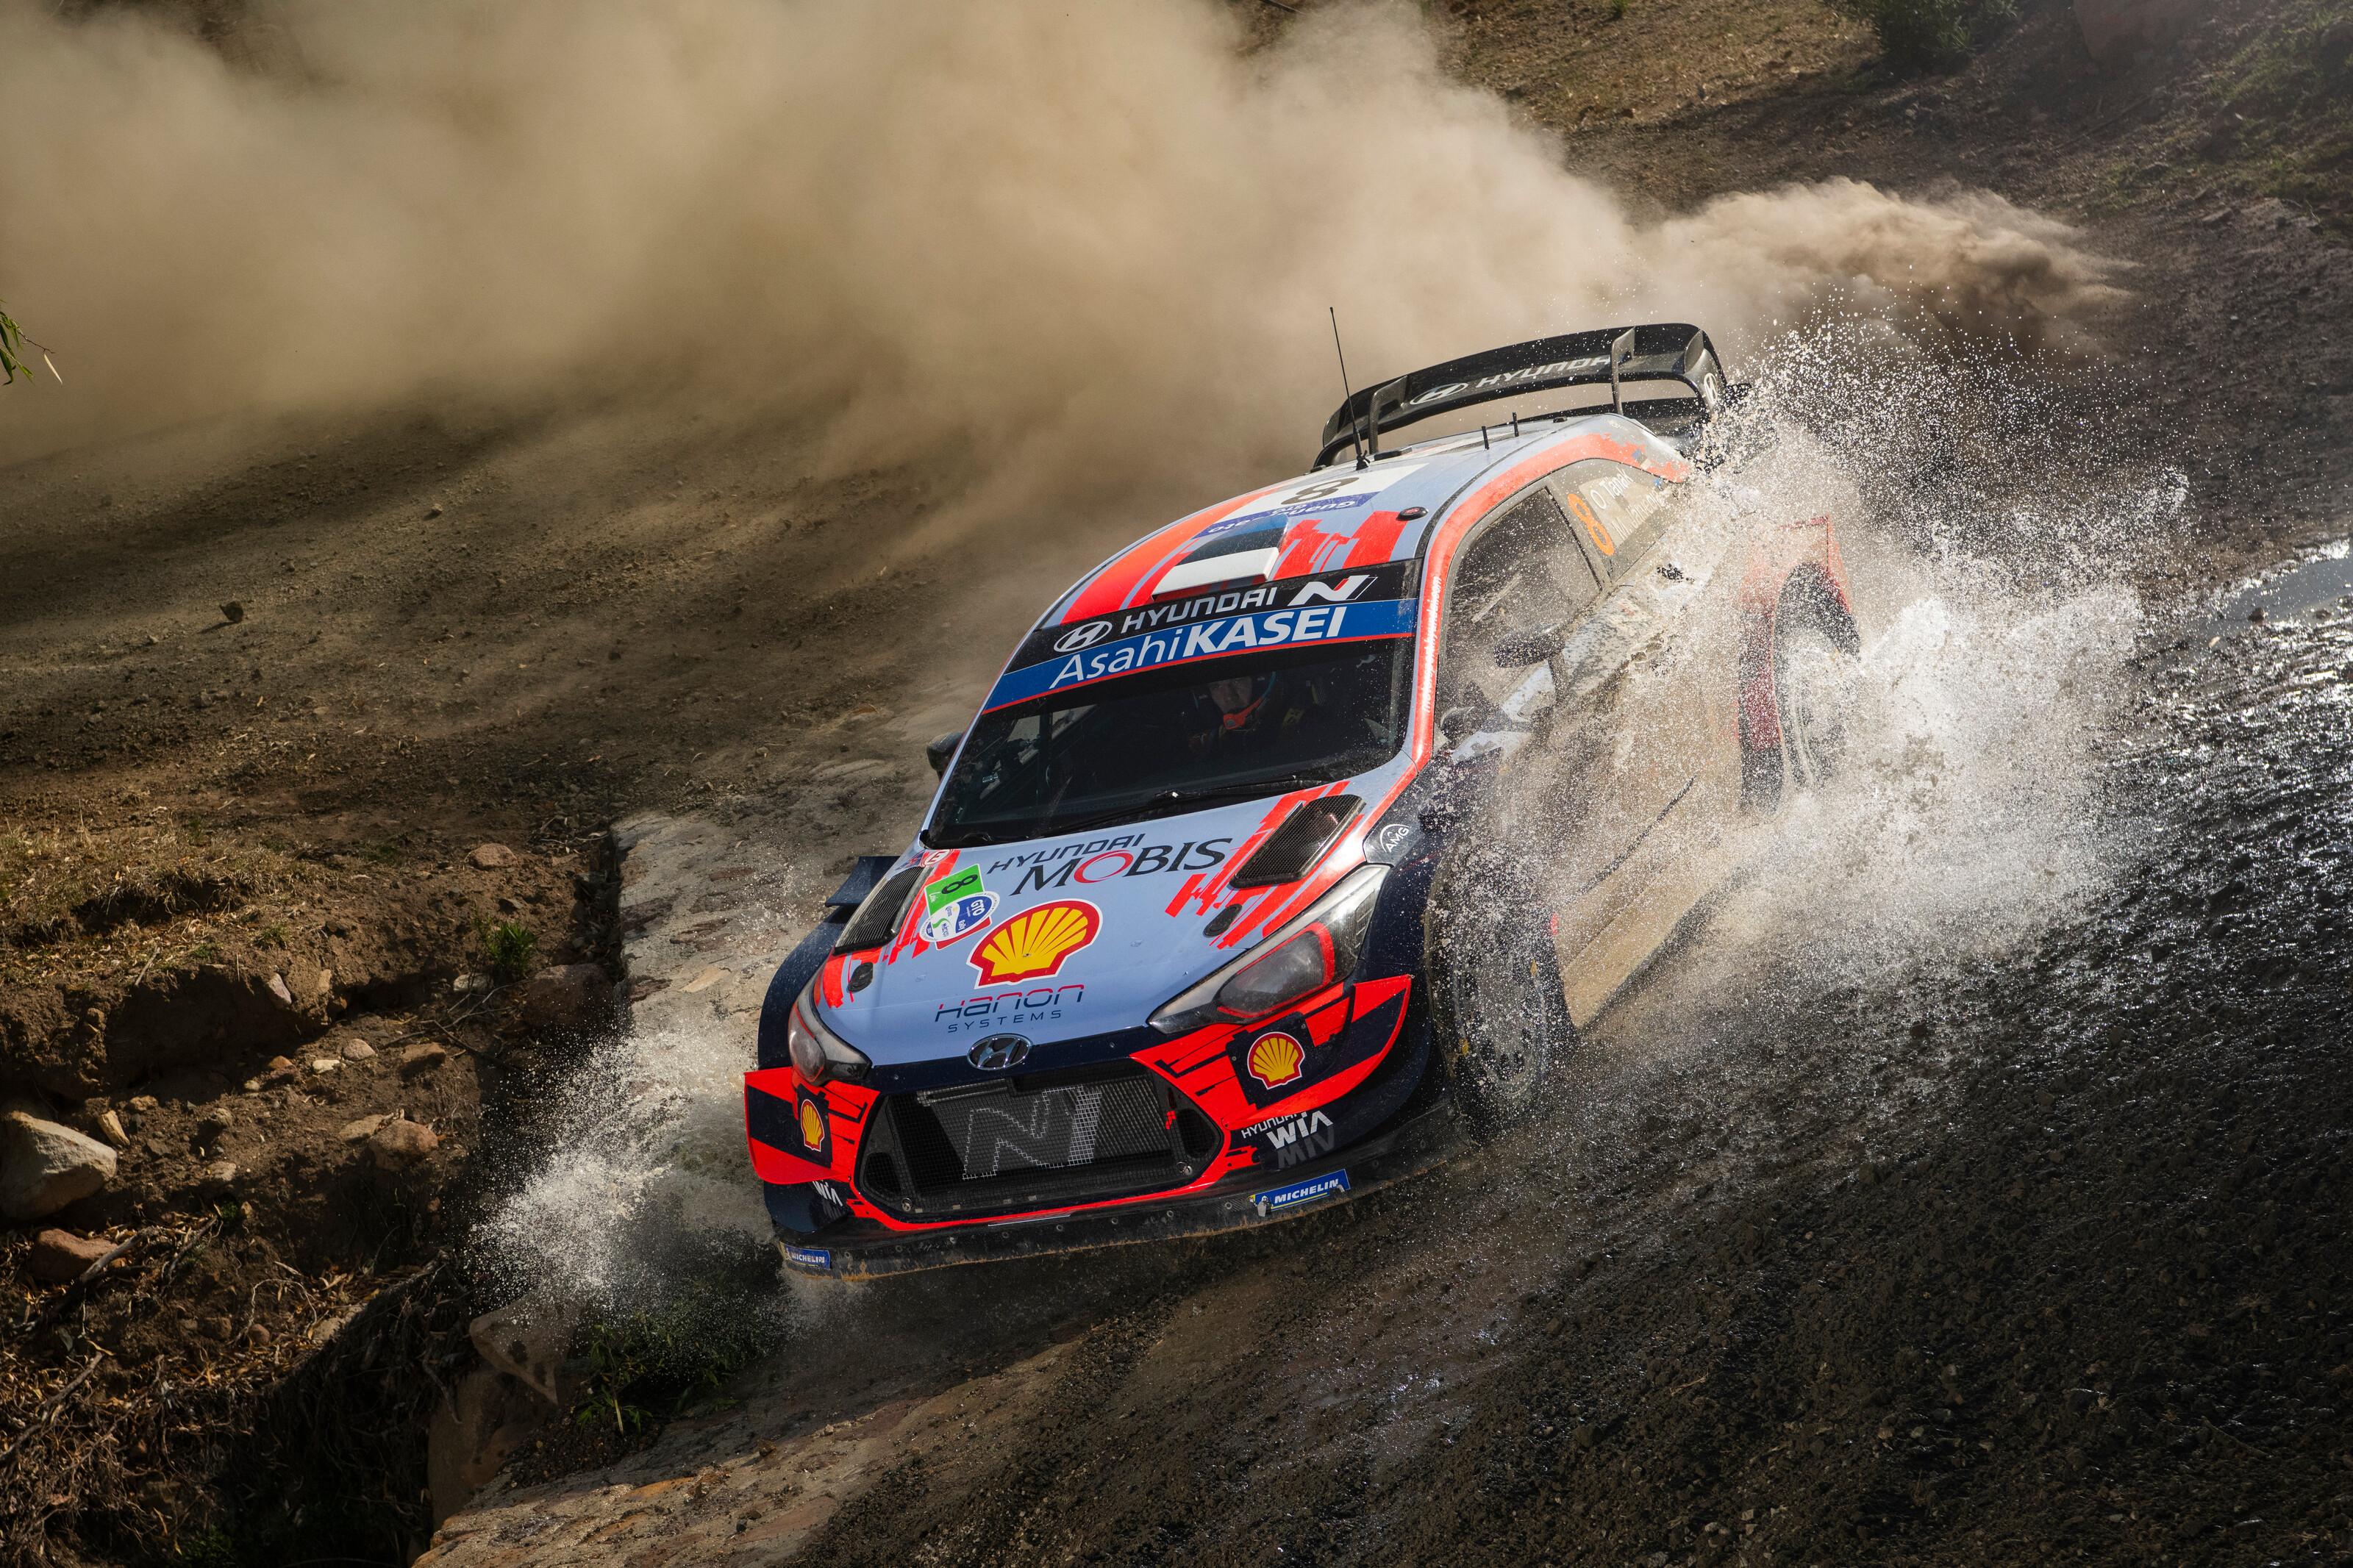 Eldőlt, szeptemberben folytatódik a WRC